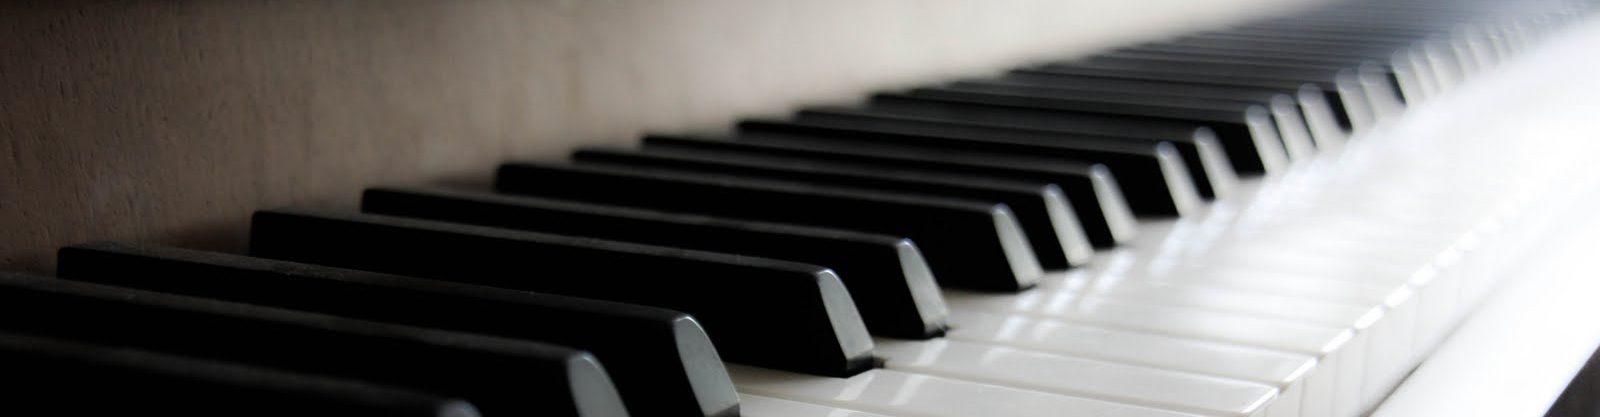 WESSELS PIANOMUZIEK